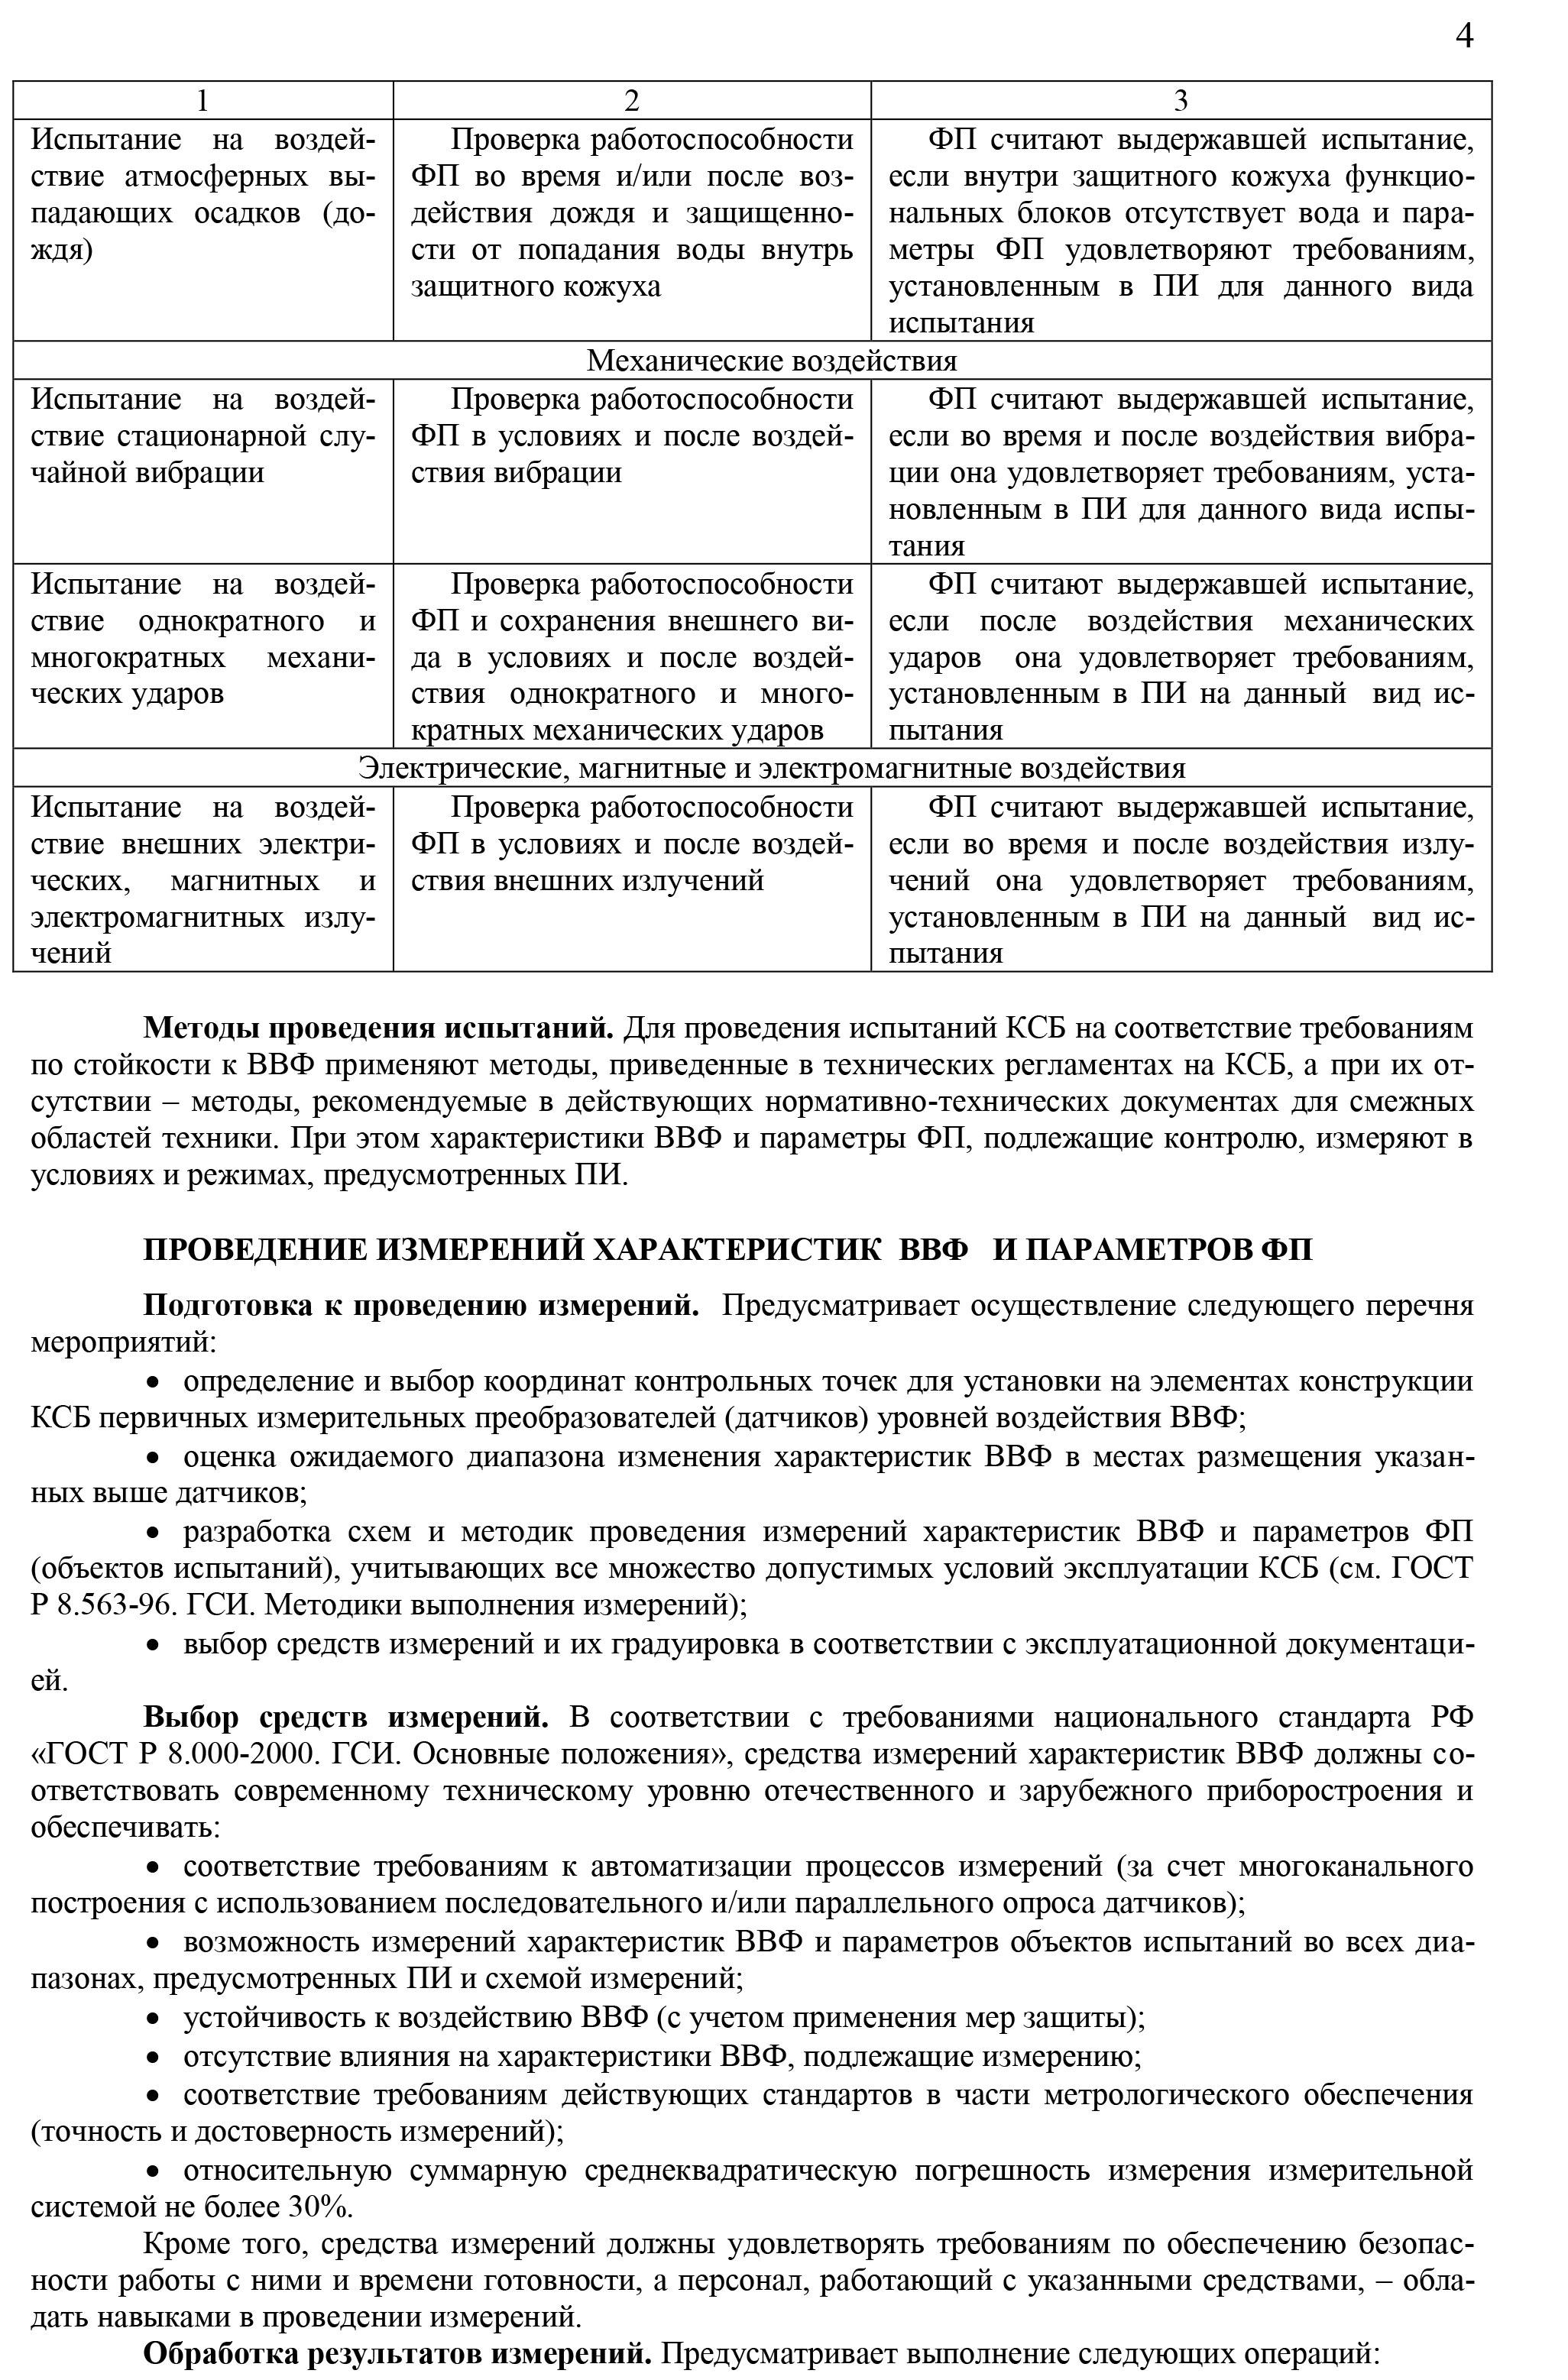 str5_4